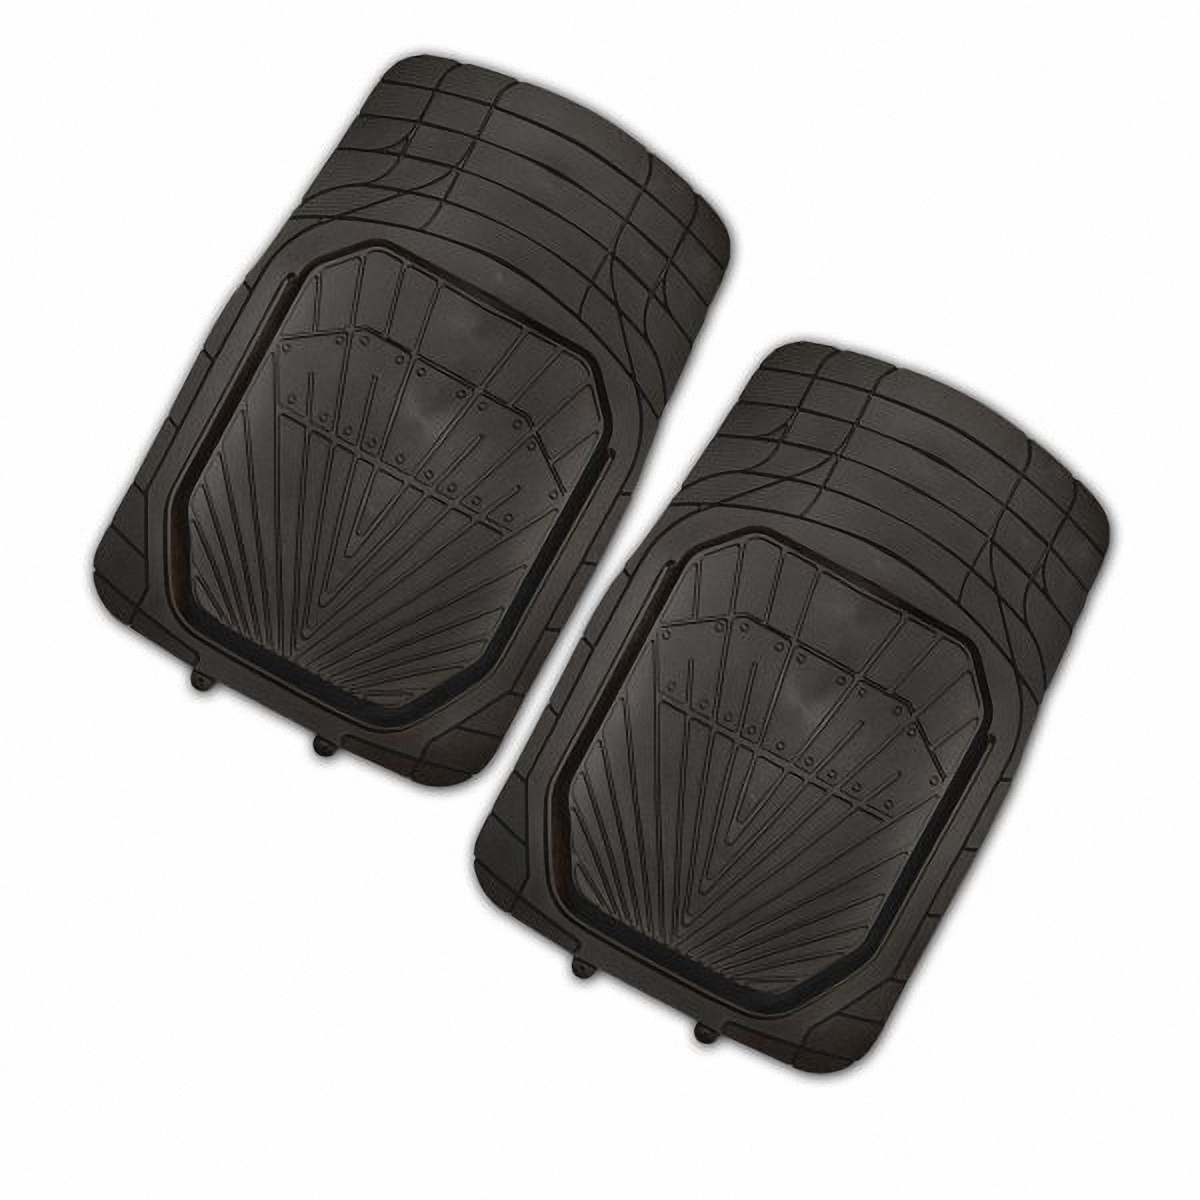 Коврик в салон автомобиля Skyway, передний, цвет: черный, 77 х 52 см, 2 шт14703001Комплект универсальных передних ковриков салона в форме ванночки сохраняет эластичность даже при экстремально низких и высоких температурах (от -50°С до +50°С). Обладает повышенной устойчивостью к износу и агрессивным средам, таким как антигололёдные реагенты, масло и топливо. Усовершенствованная конструкция изделия обеспечивает плотное прилегание и надёжную фиксацию коврика на полу автомобиля.Размер: 77 х 52 см.Комплектация: 2 шт.